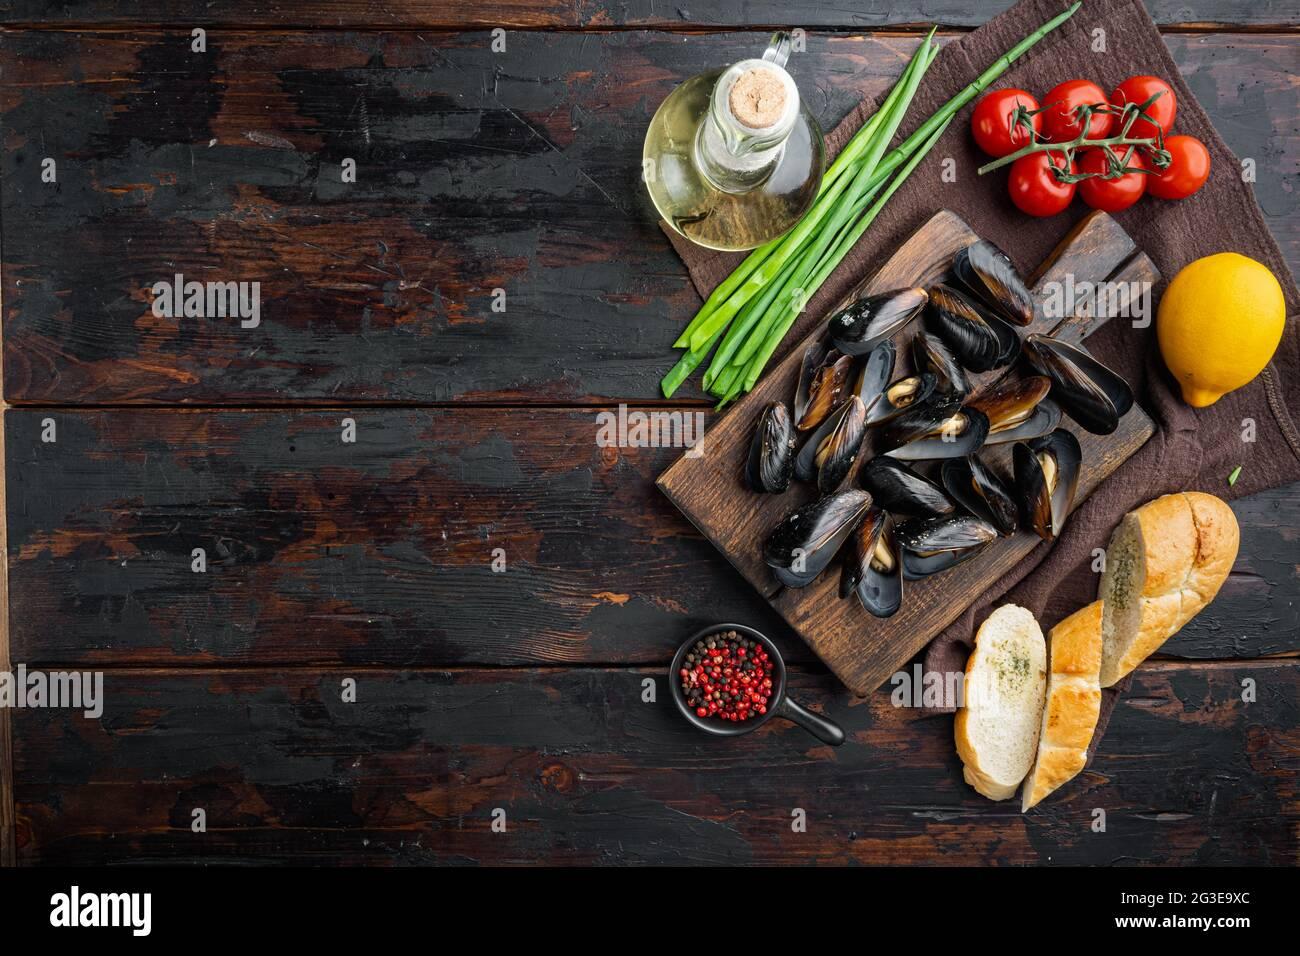 Mejillones al vapor en vino blanco, sobre tabla de corte de madera, sobre fondo de mesa de madera oscura vieja, vista superior plana, con copyspace y espacio para texto Foto de stock